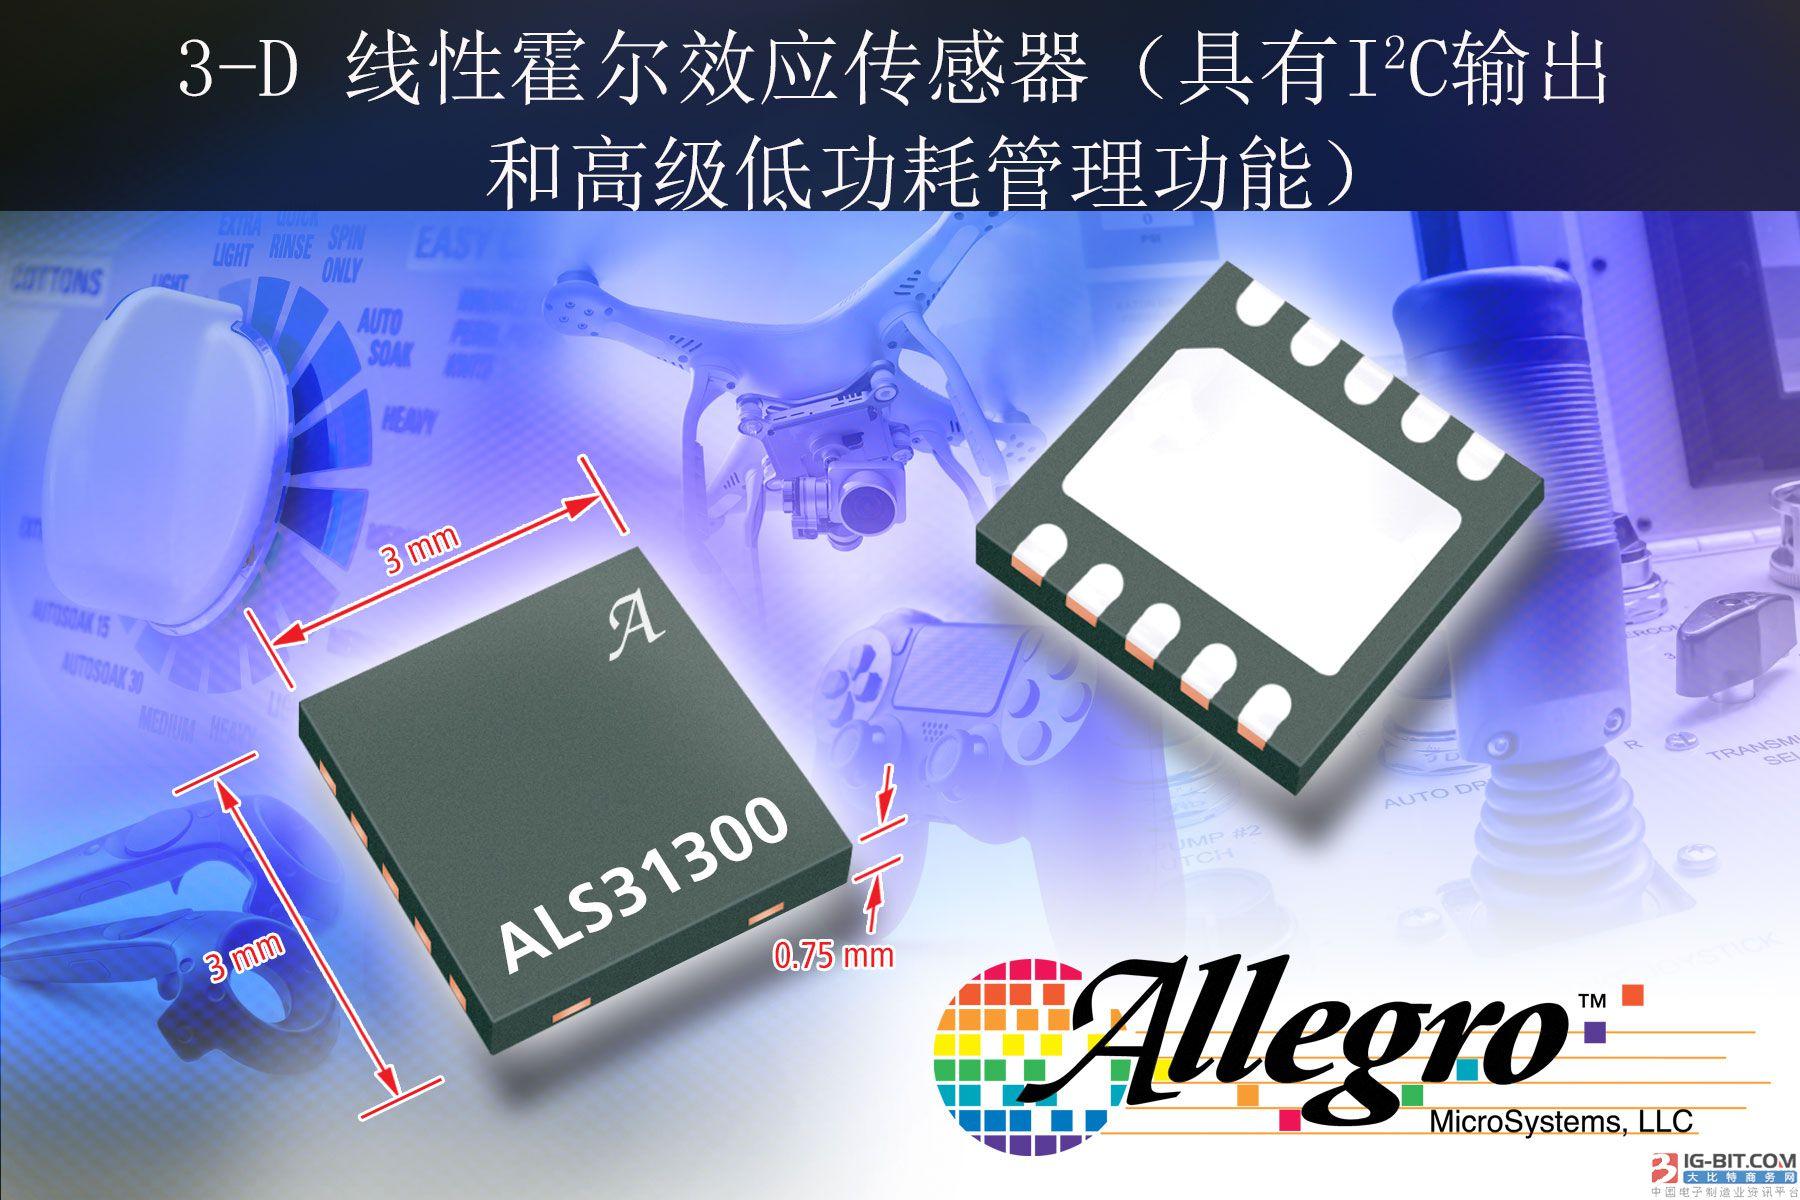 Allegro MicroSystems,LLC发布全新三轴线性霍尔效应传感器IC